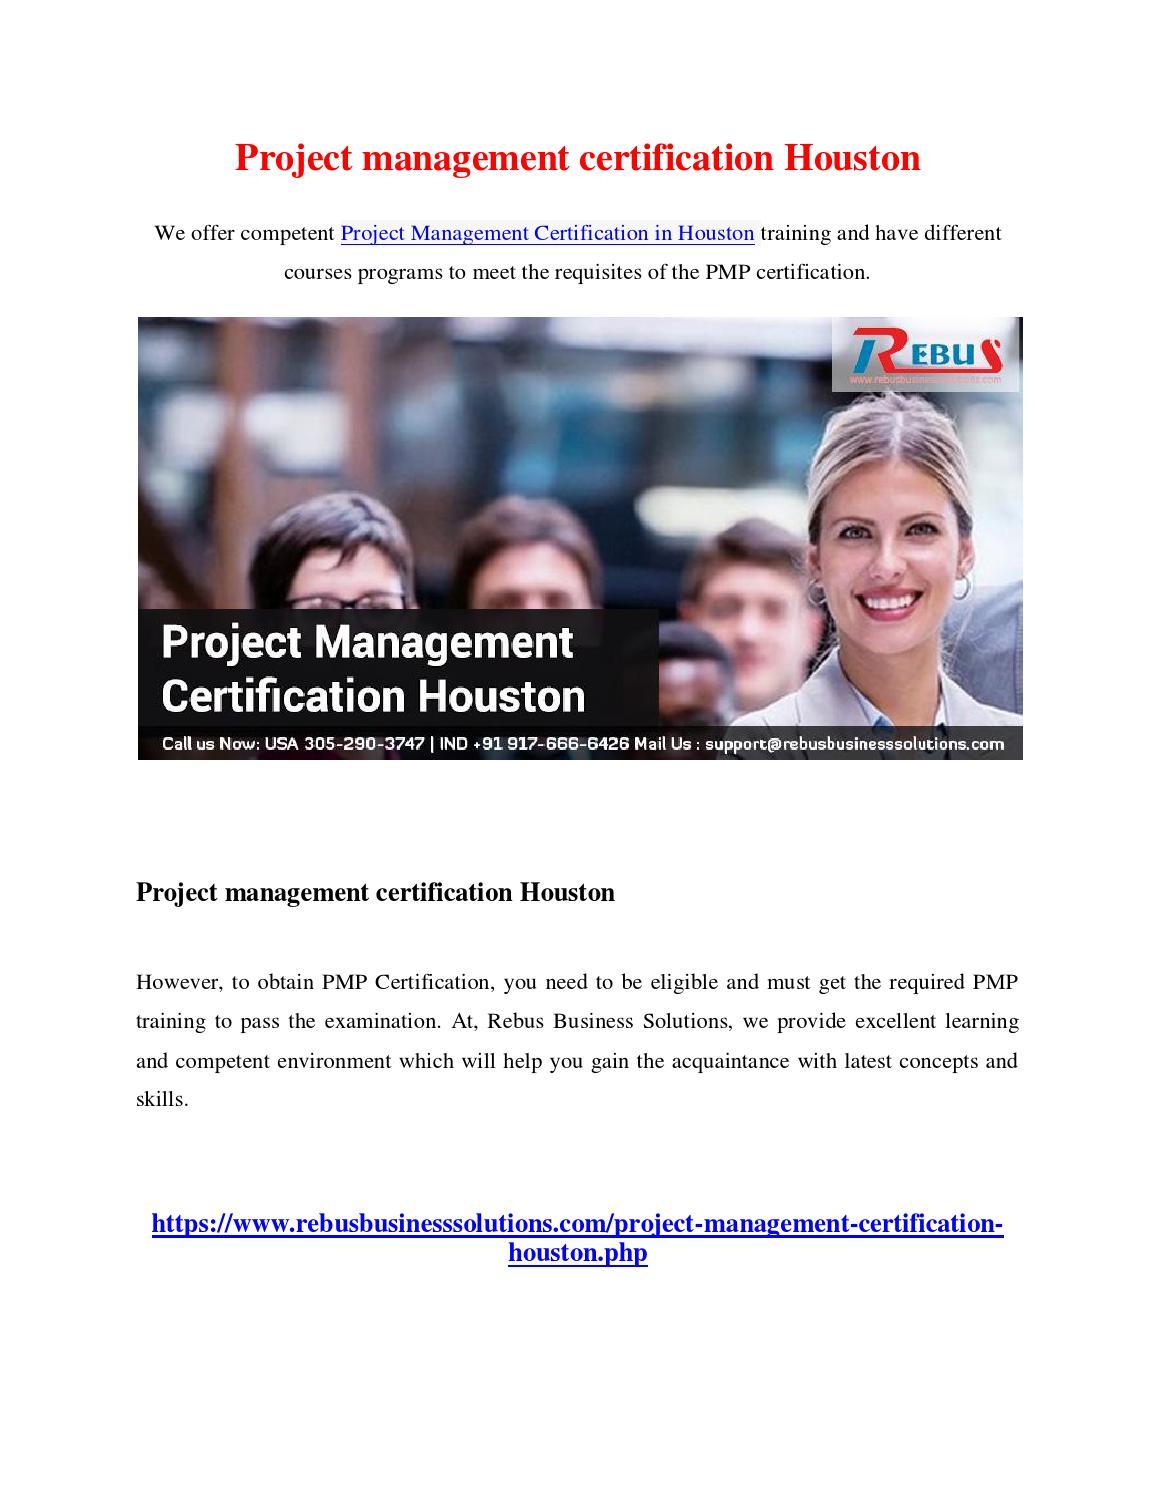 Project management certification houston by jithuprabhu issuu xflitez Choice Image